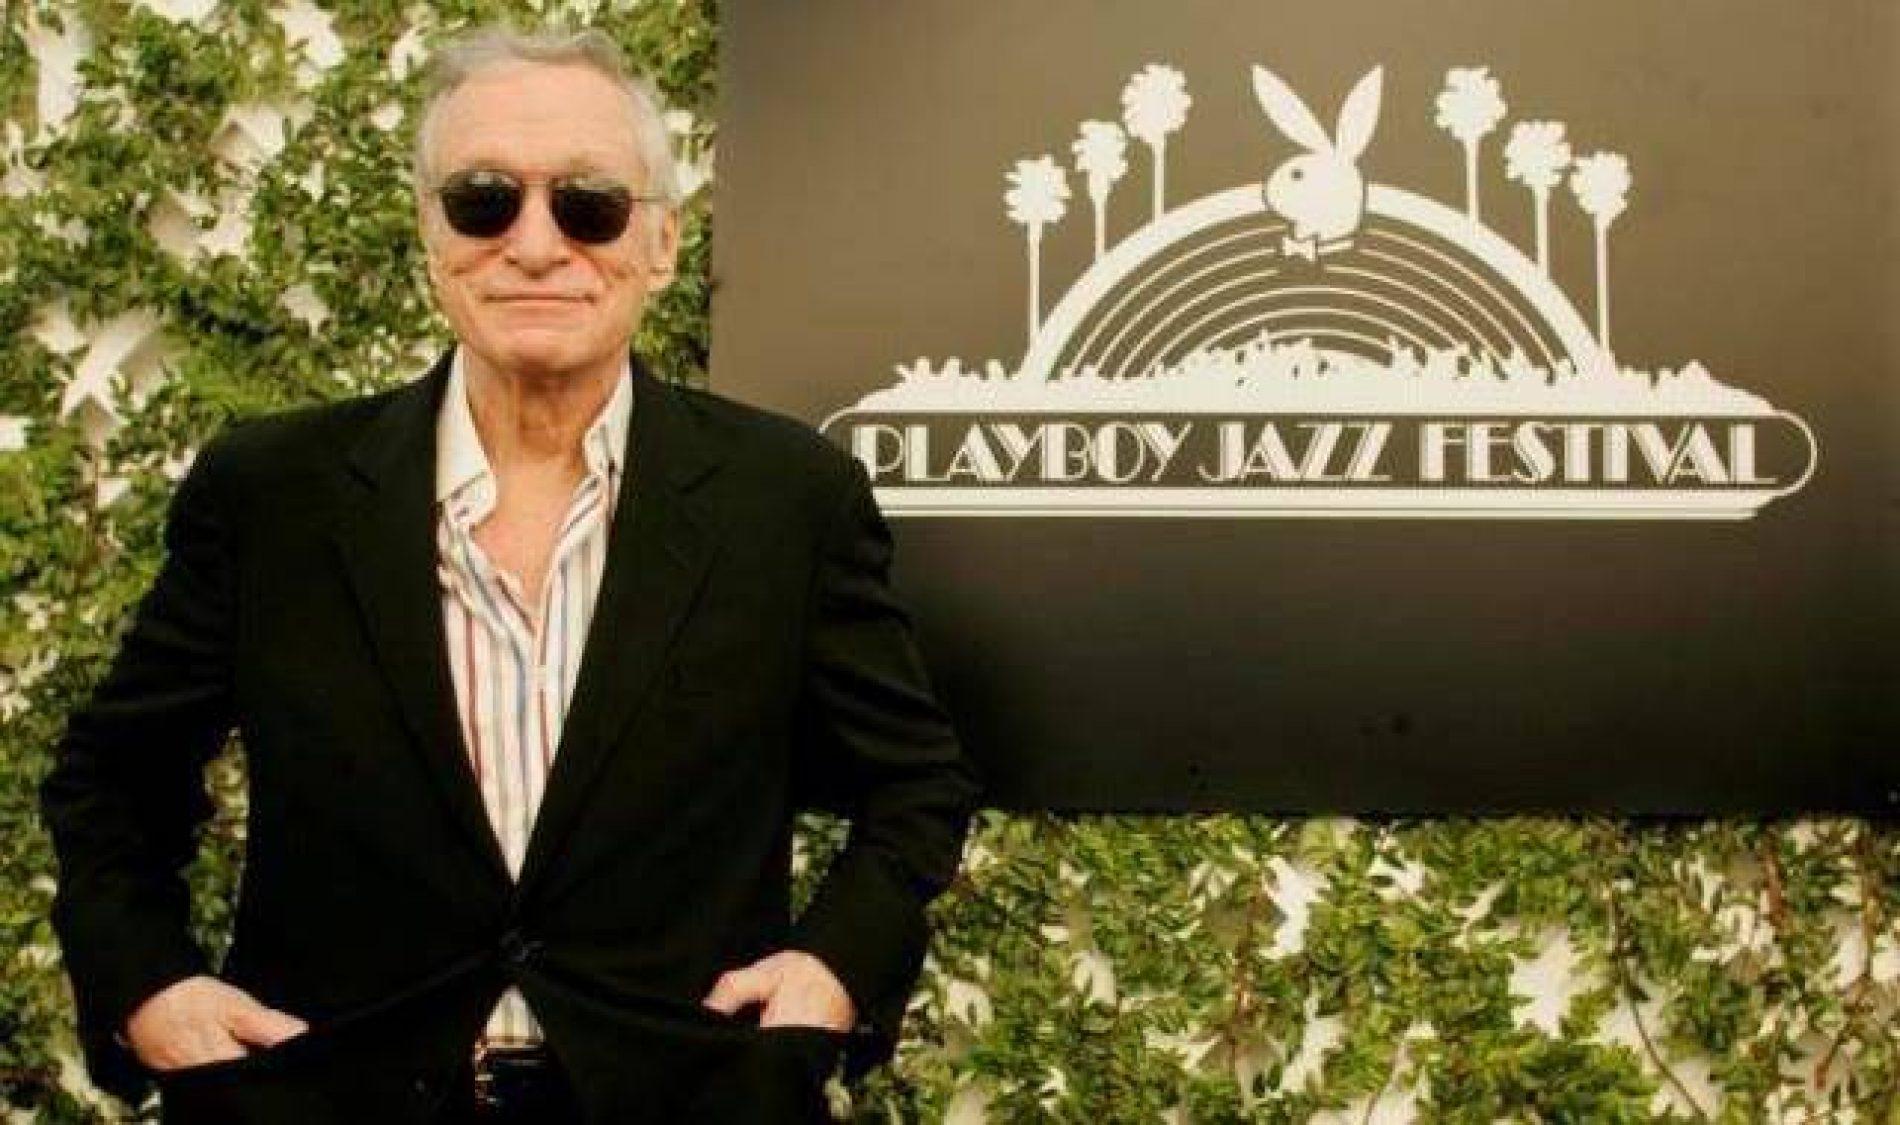 Fundador da 'Playboy' Hugh Hefner morre aos 91 anos